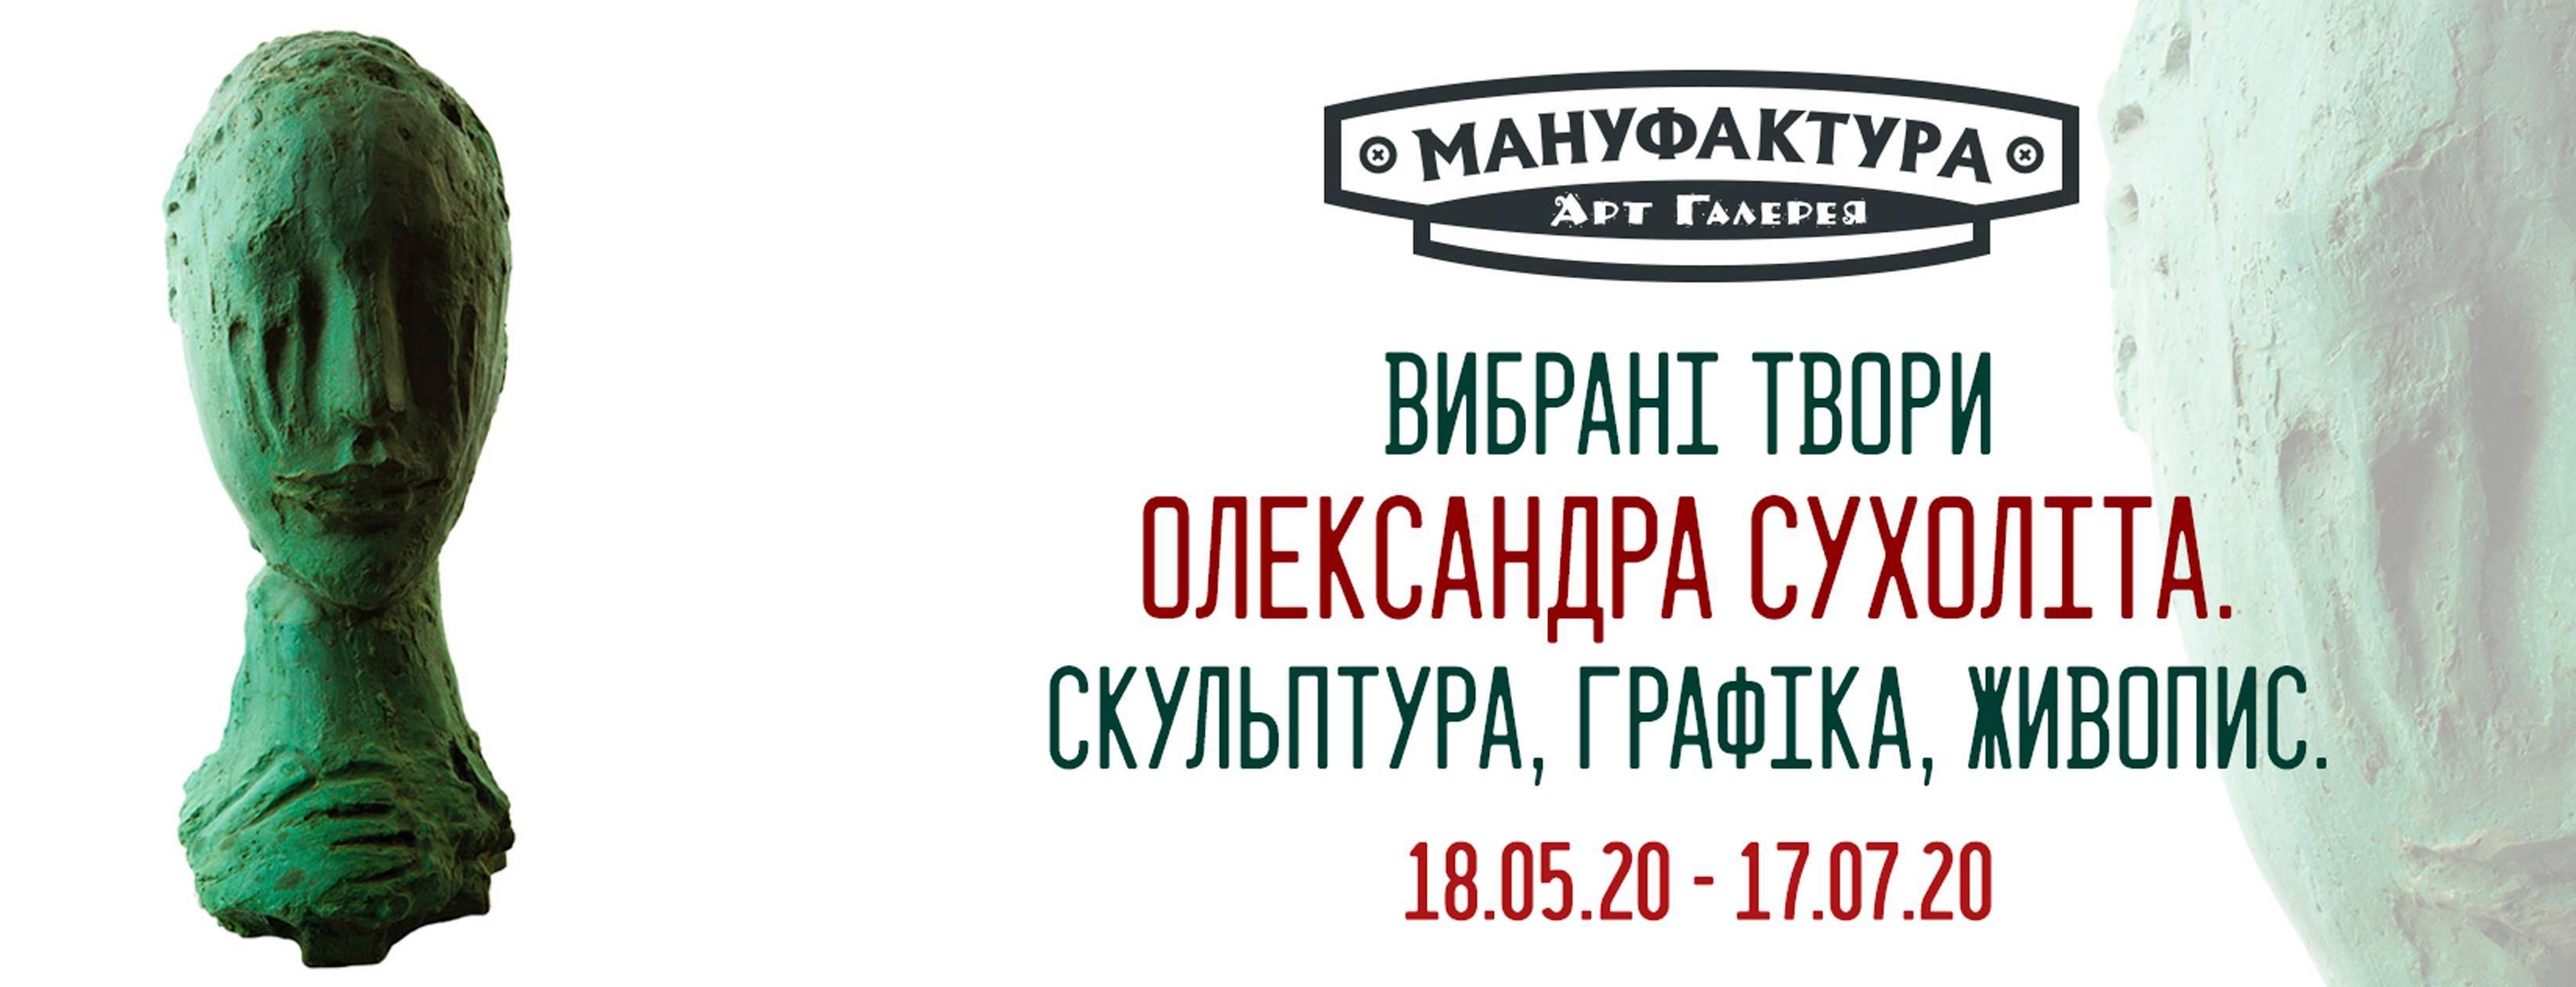 """Олександр Сухоліт в Арт-галереї """"Мануфактура"""""""